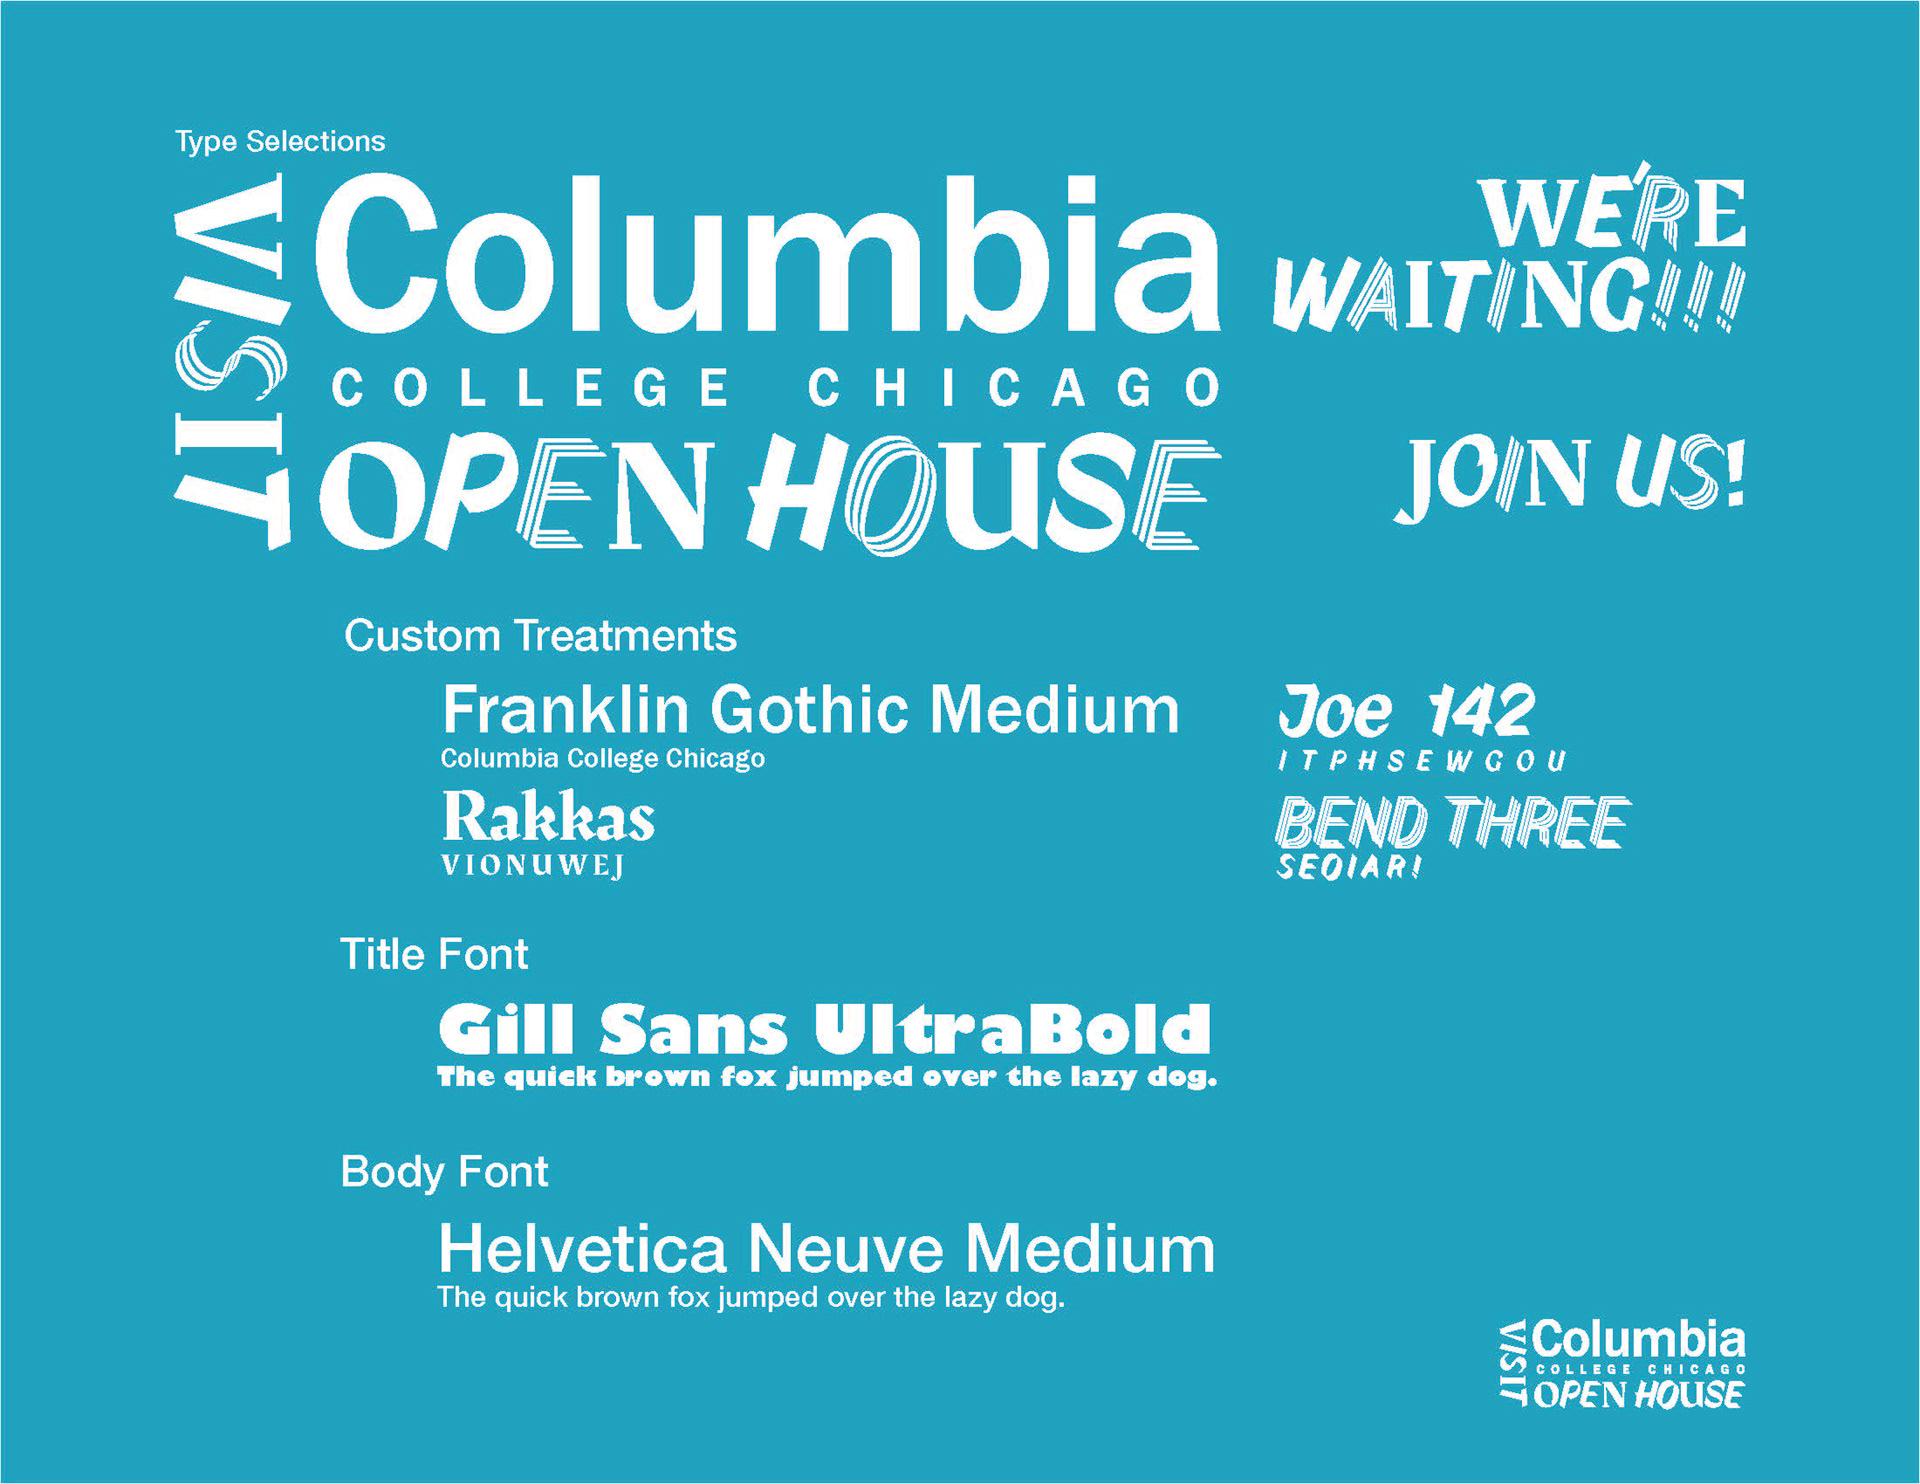 Columbia College Openhouse Invite on Behance